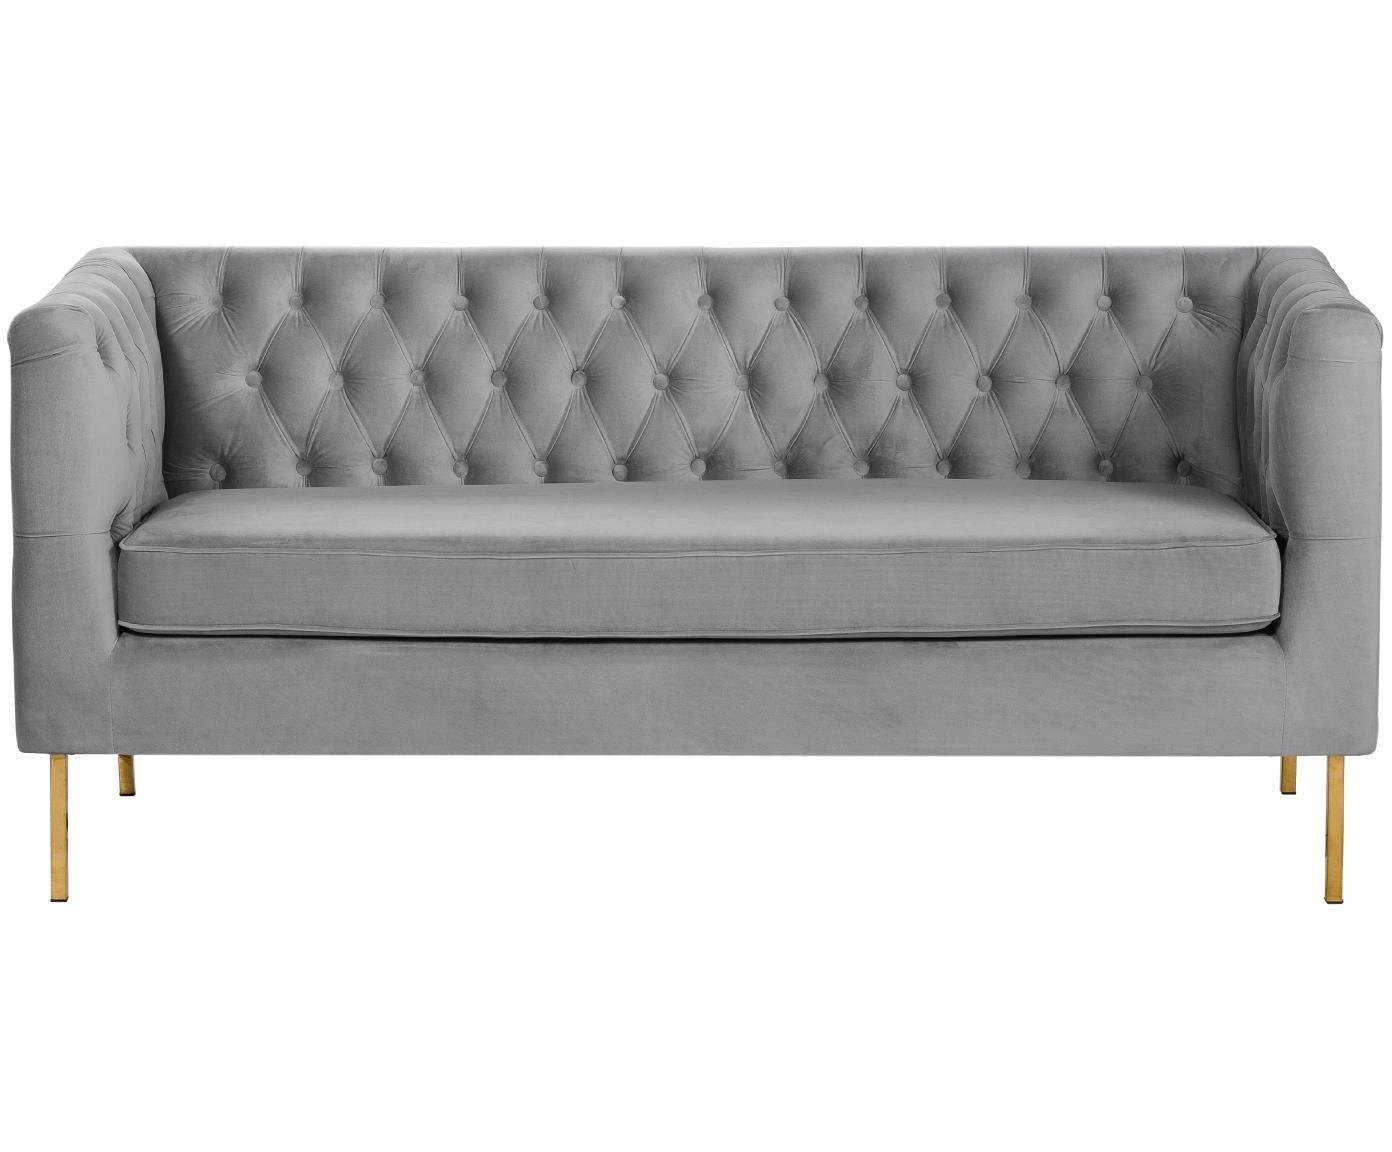 Fluwelen Chesterfield bank Chiara (2-zits), Bekleding: fluweel (polyester), Frame: massief berkenhout, Poten: gegalvaniseerd metaal, Grijs, B 170 x D 72 cm